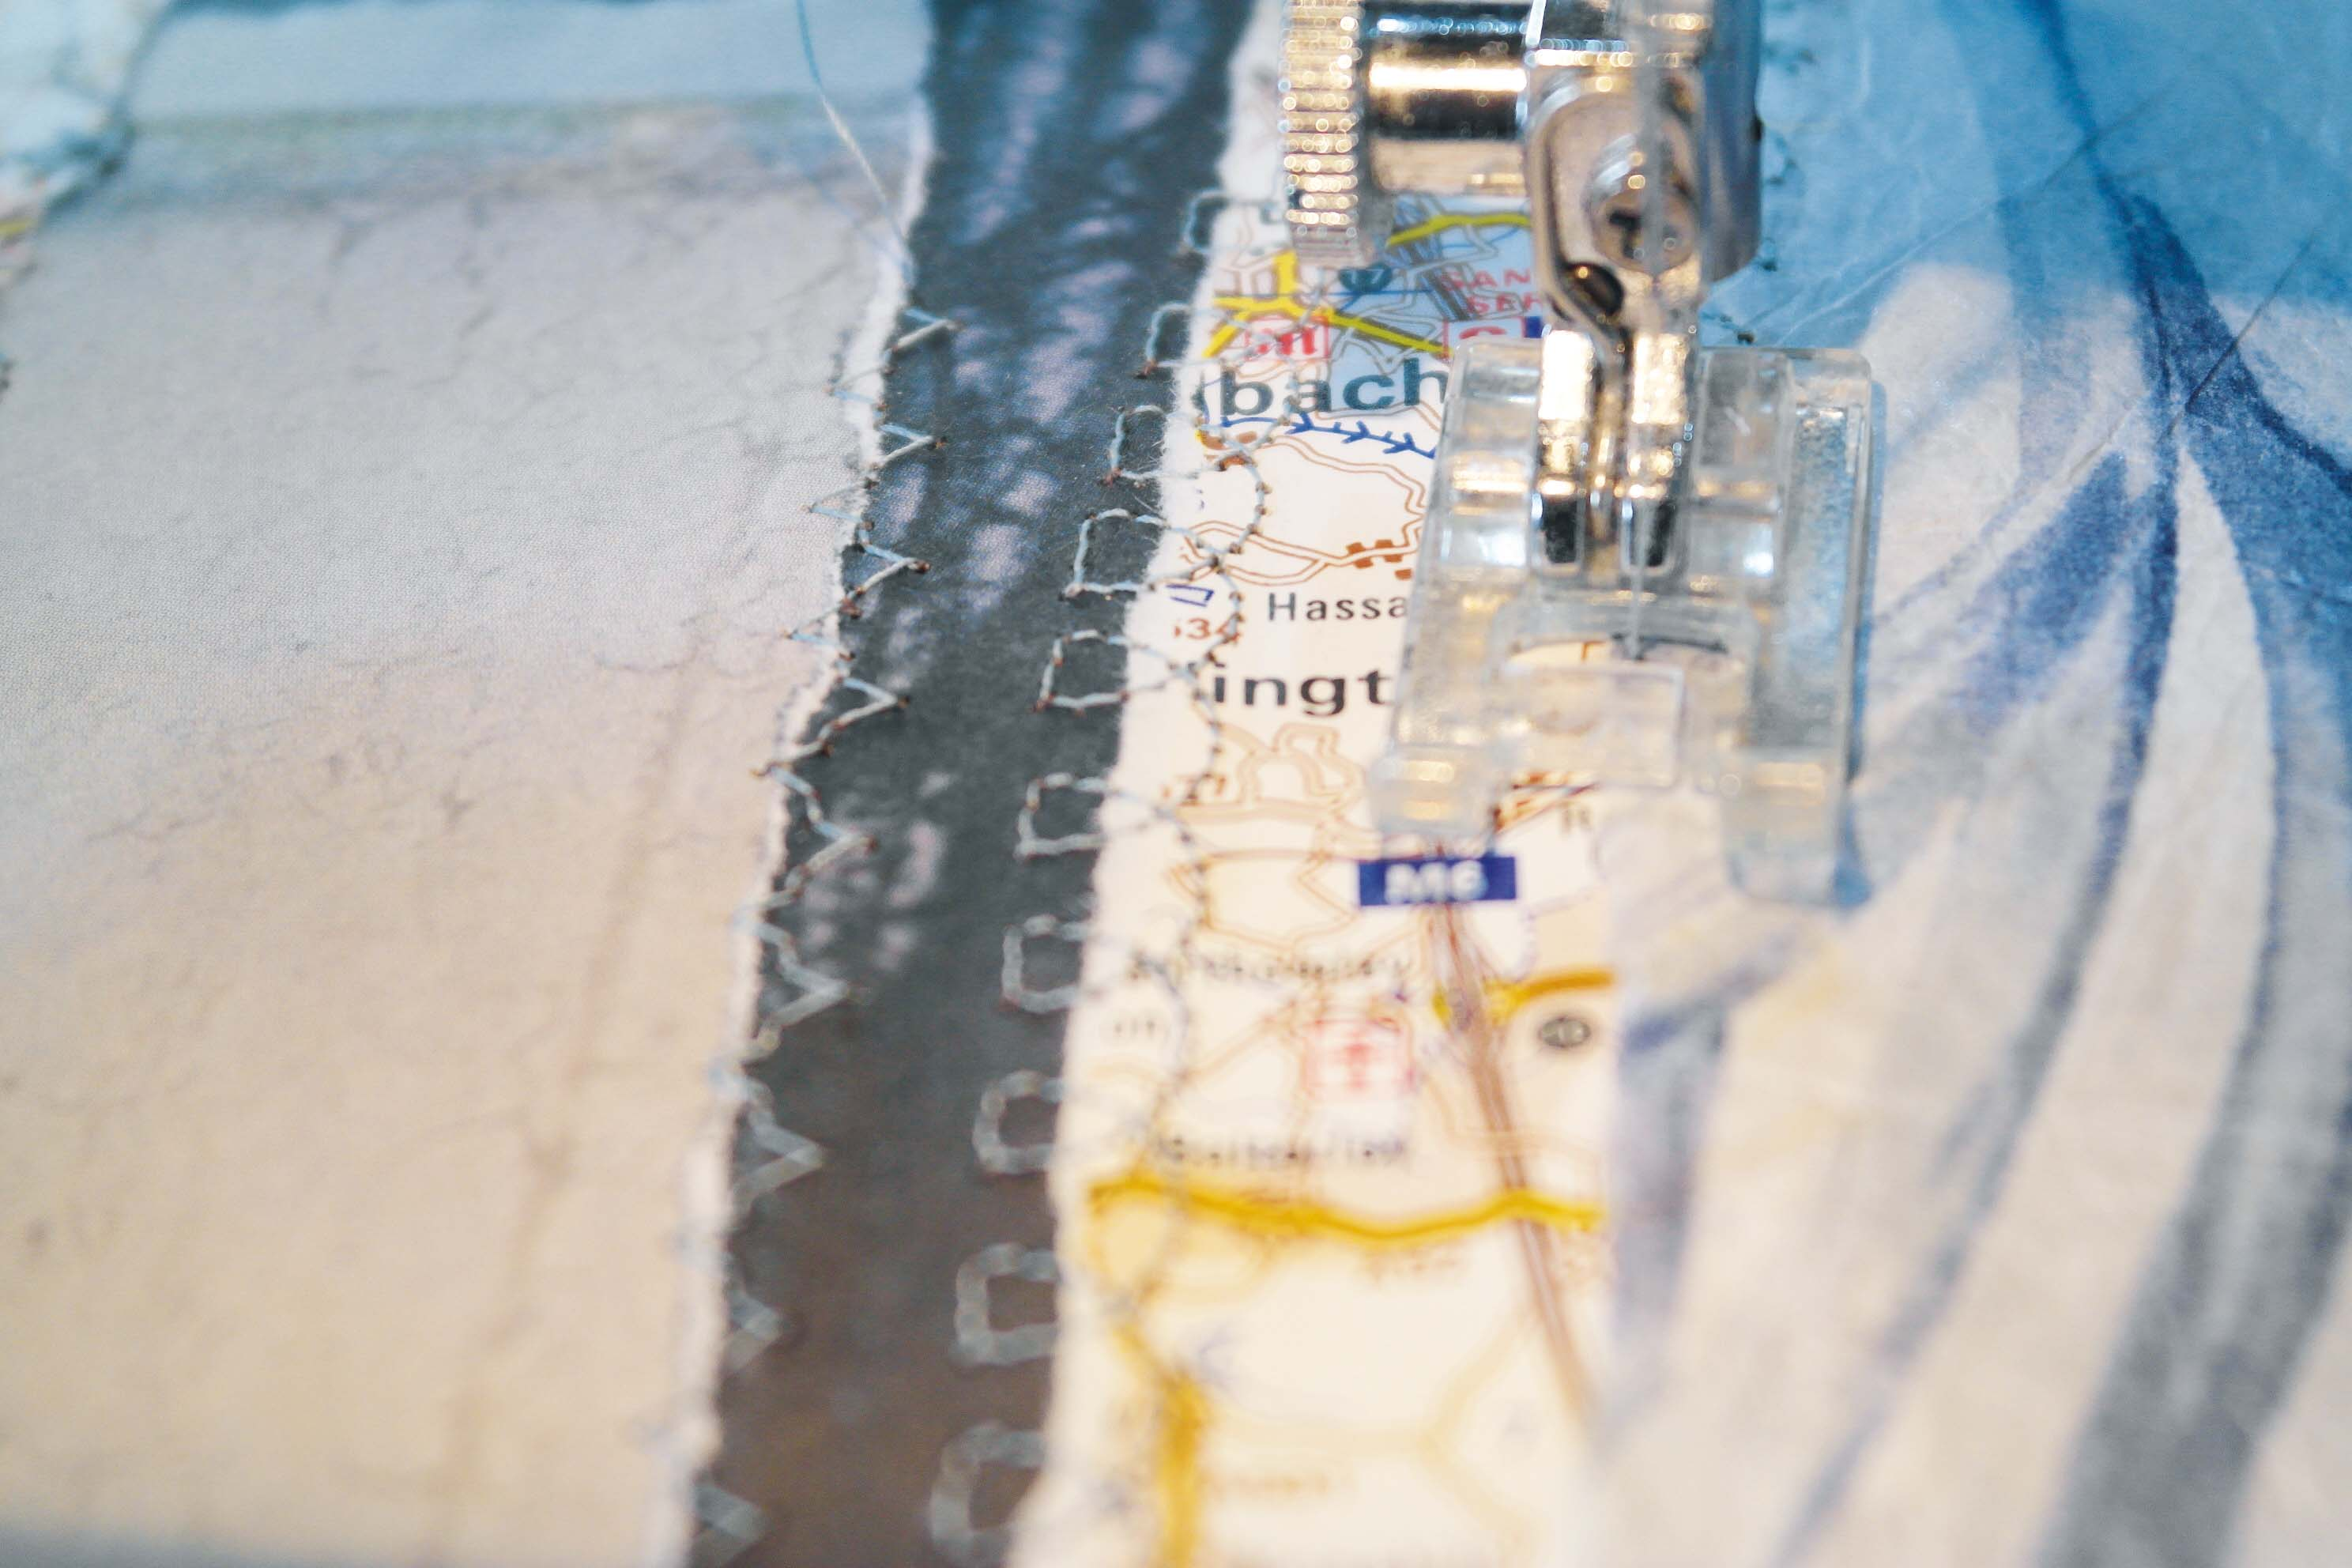 Setting up sewing machine